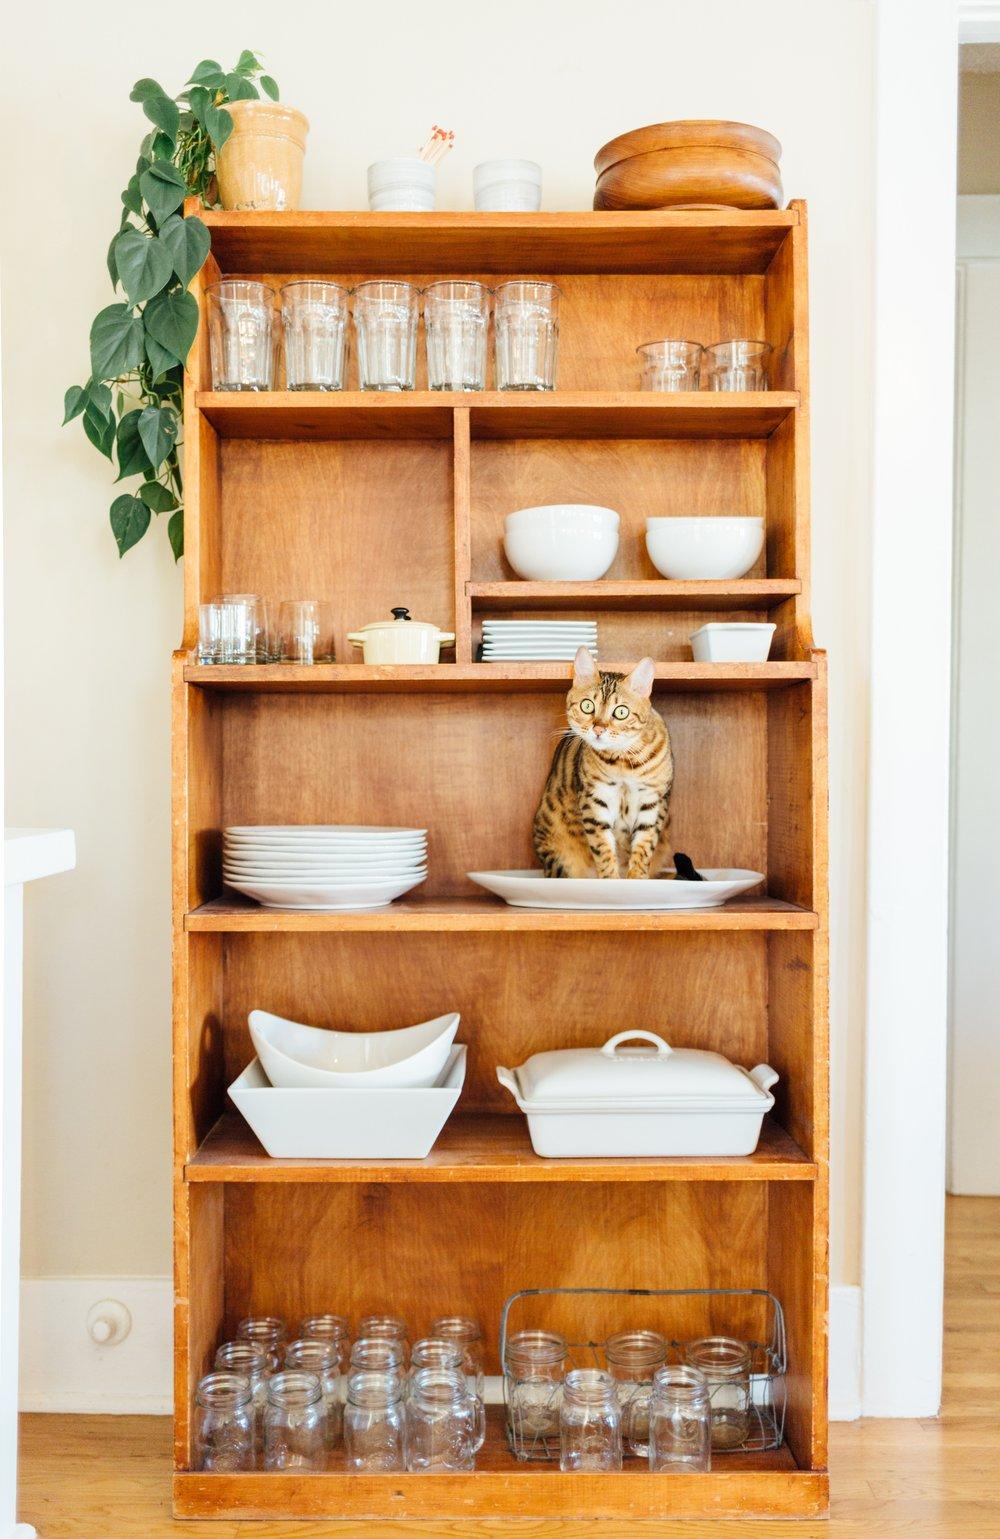 kitchen_27.jpg